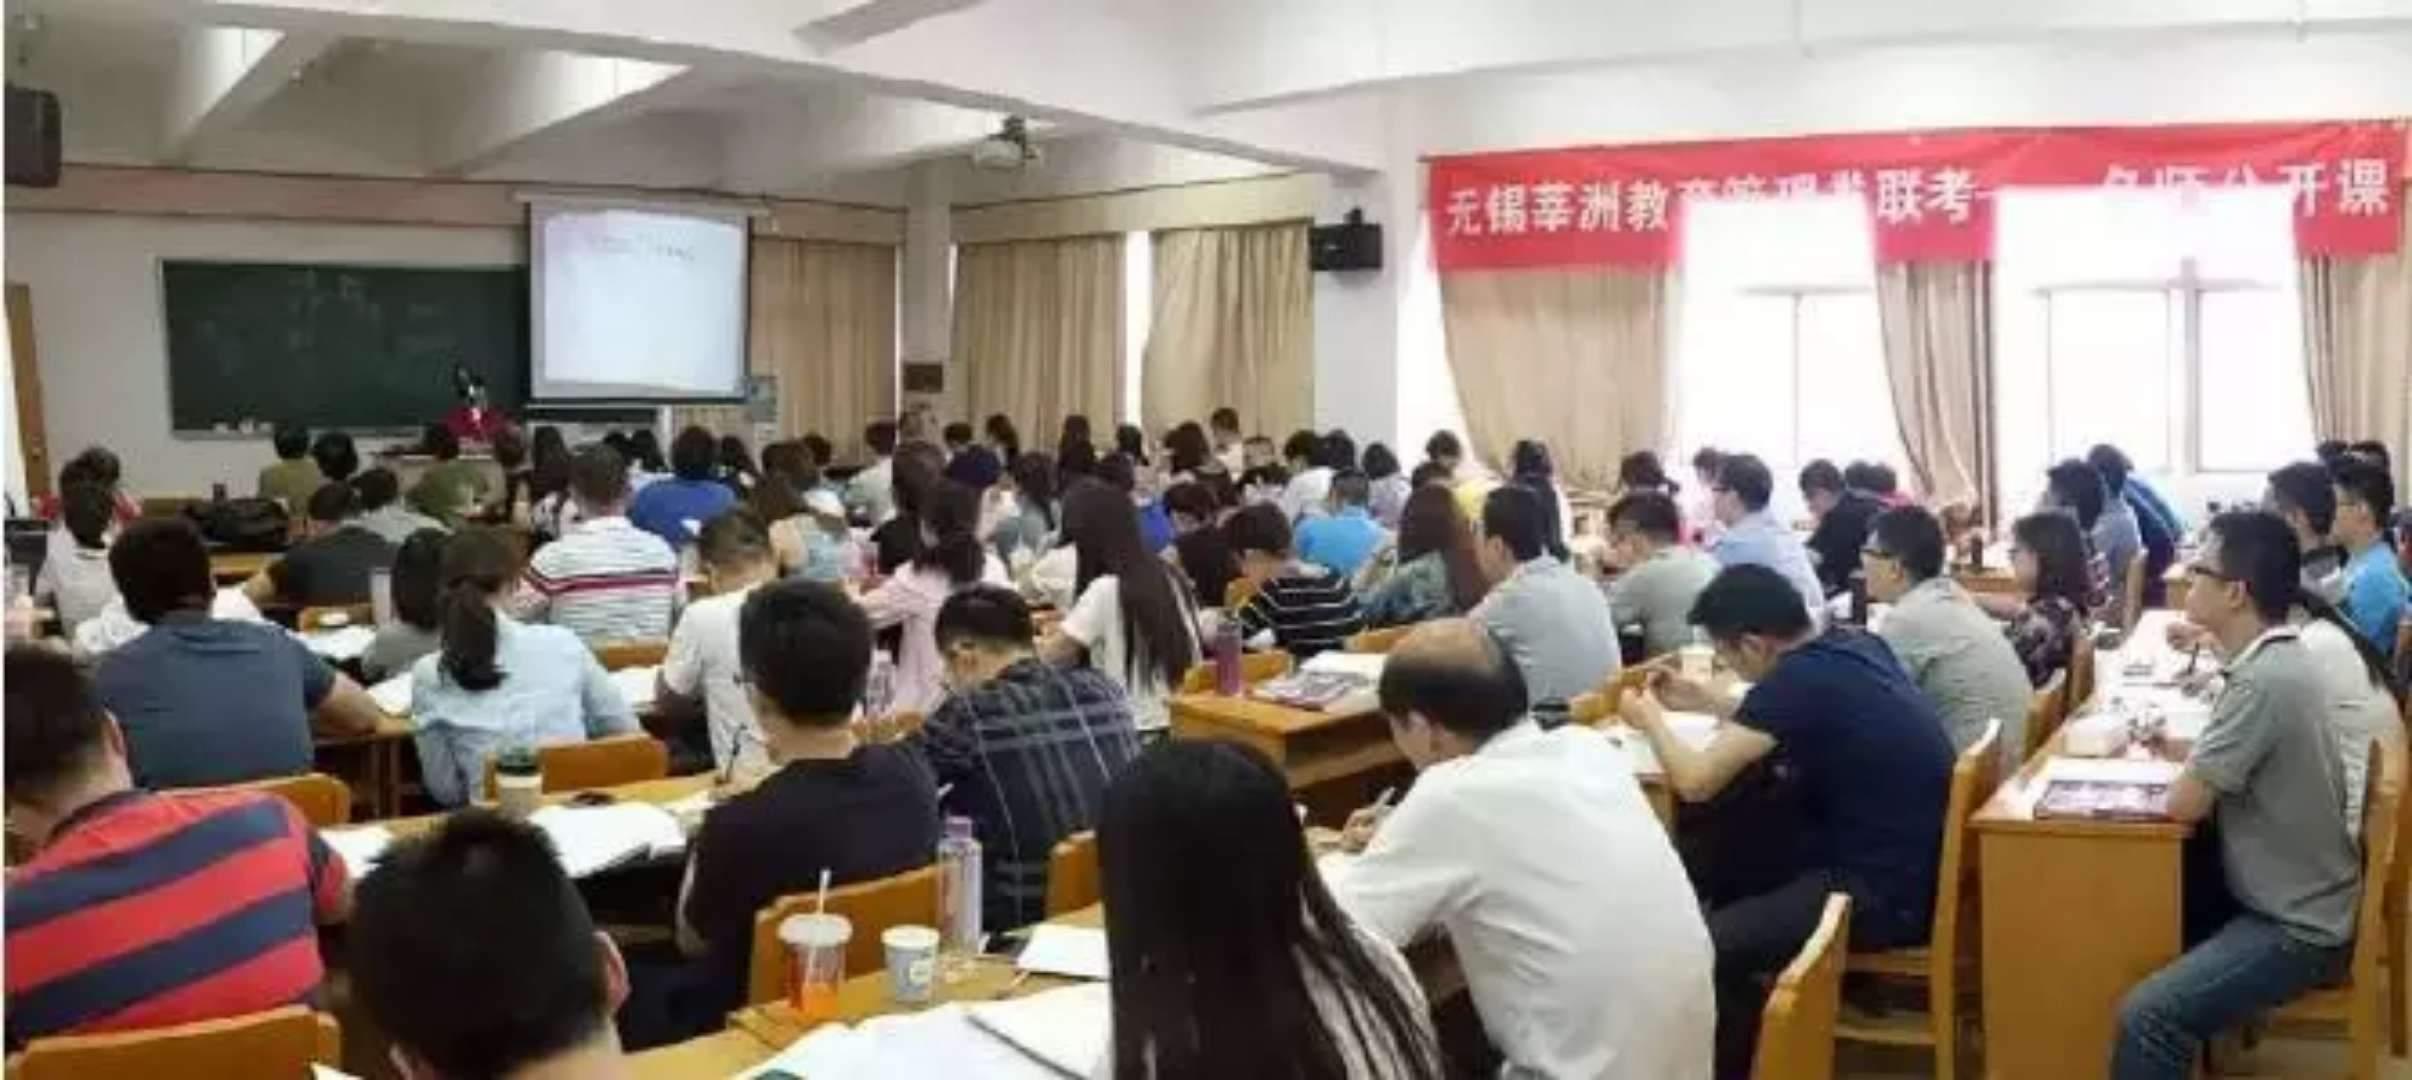 江阴莘洲教育 学校环境